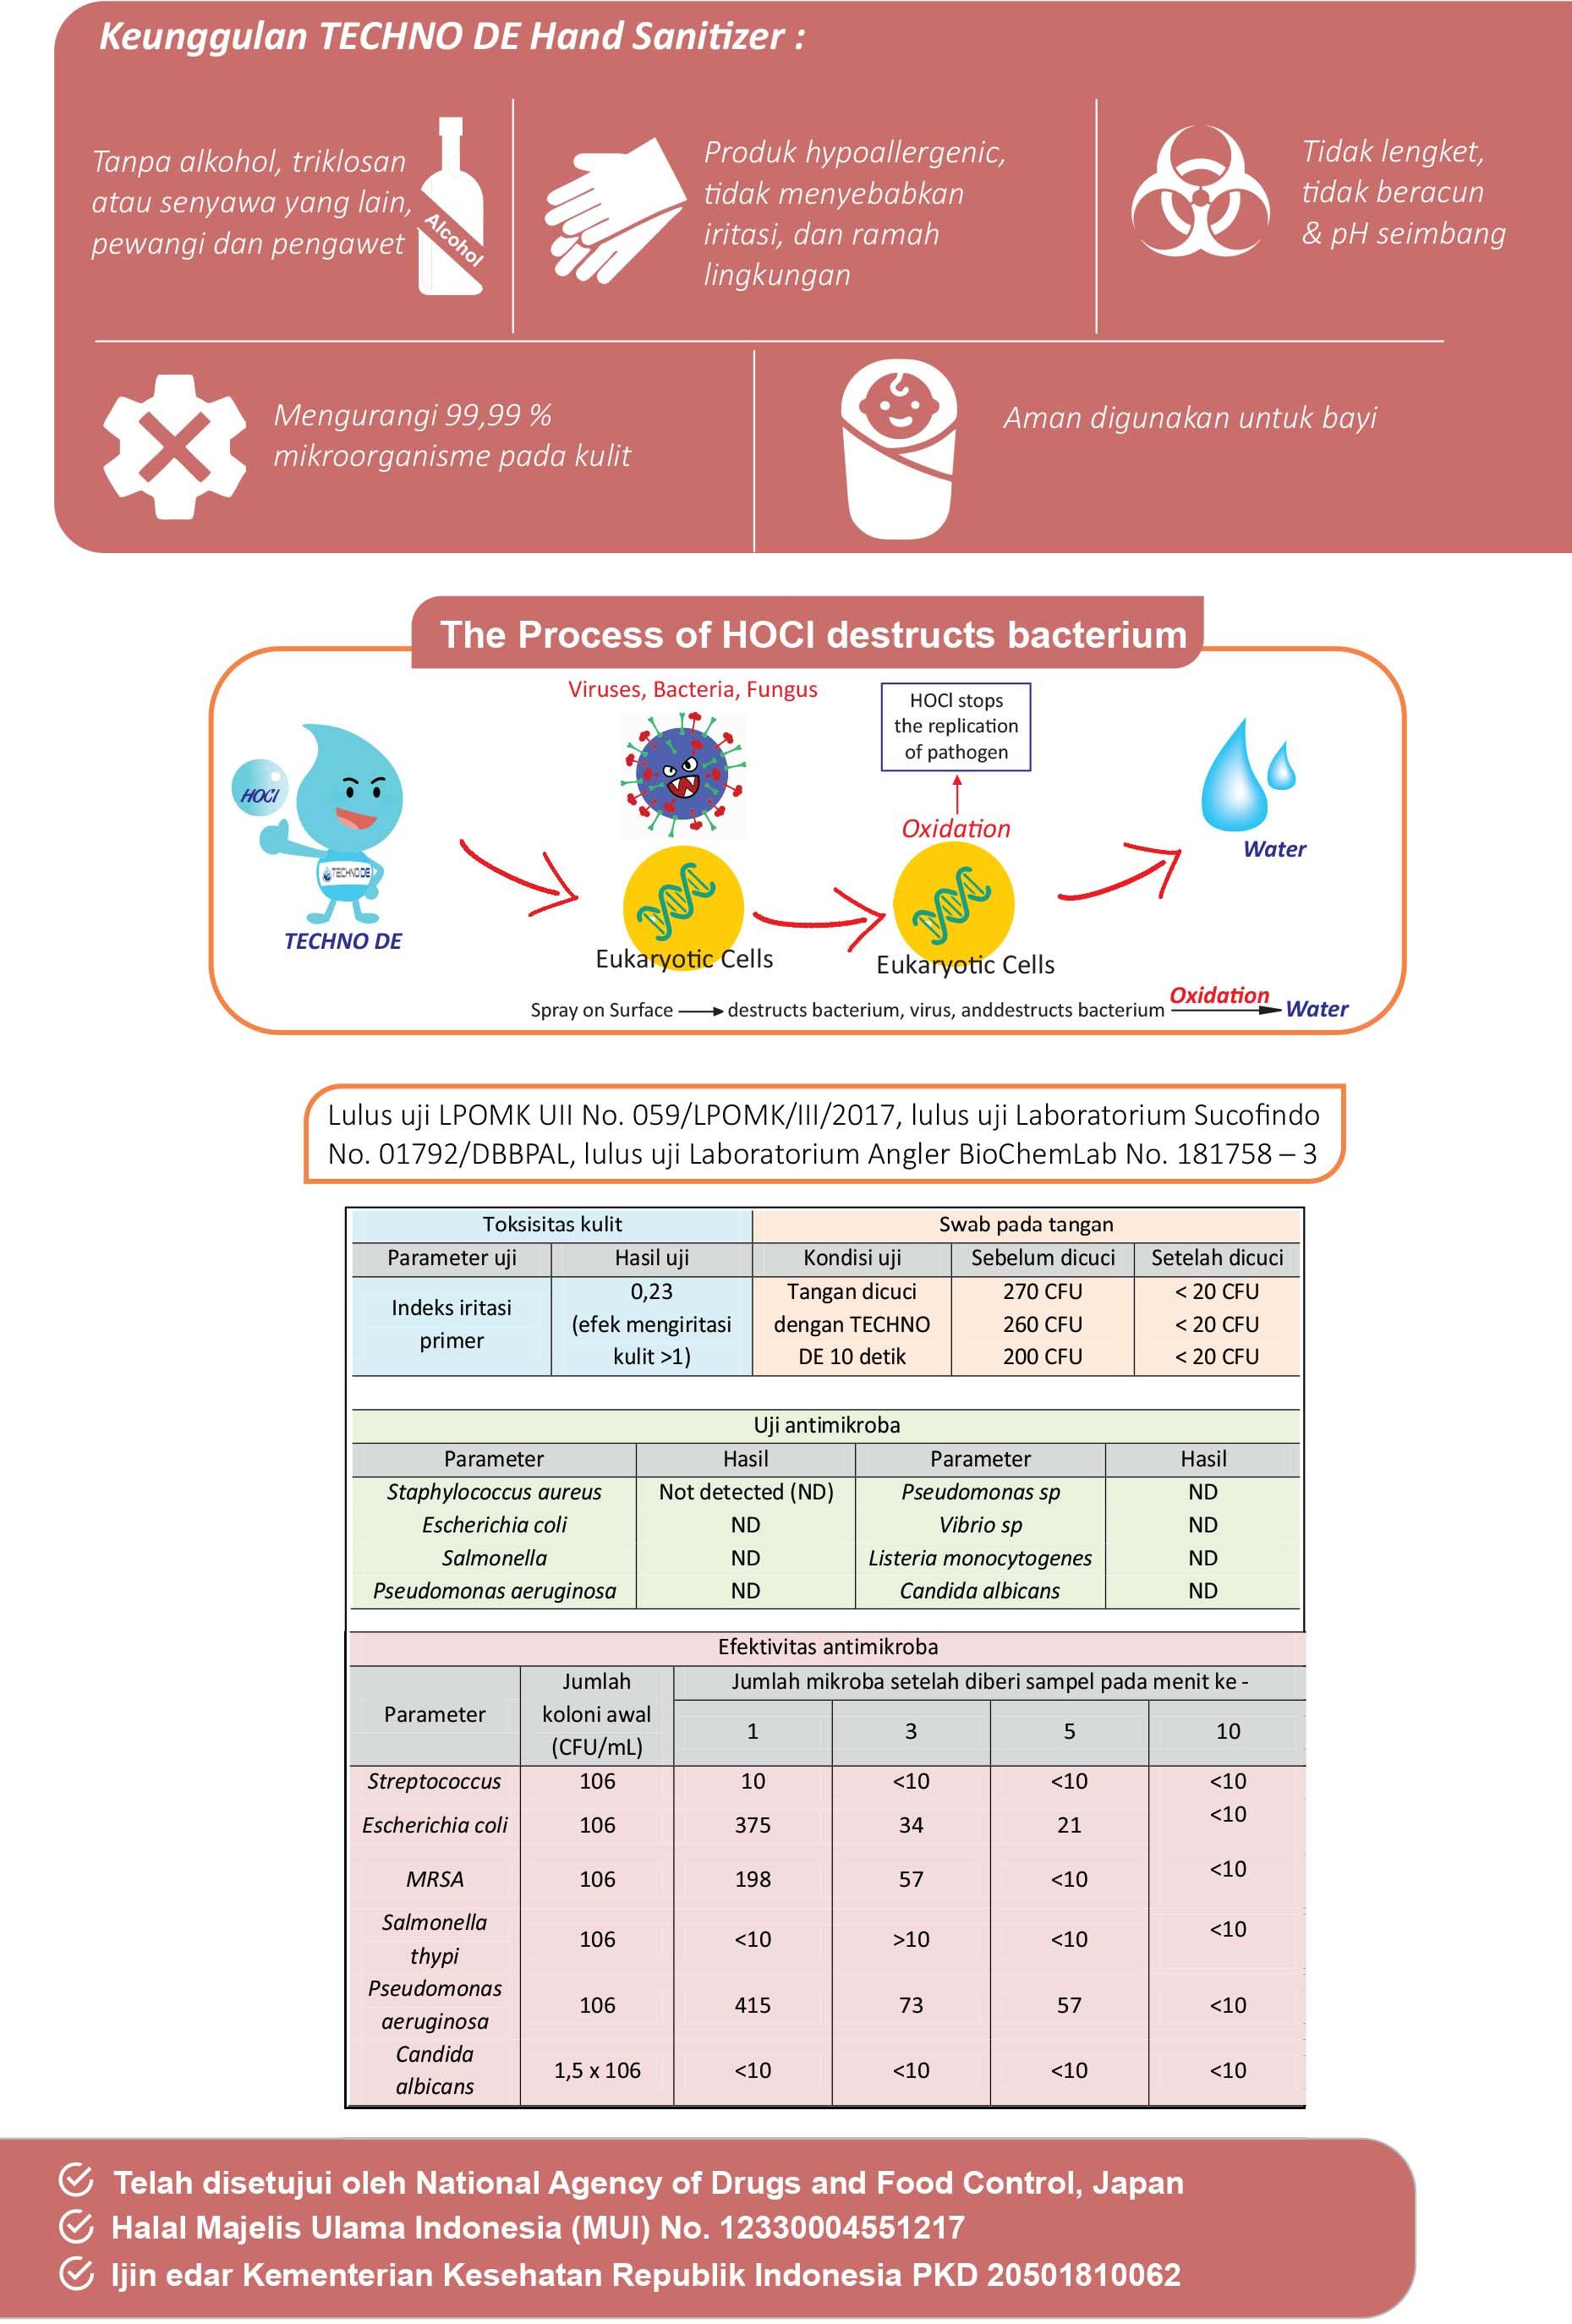 Brosur TECHNO DE Untuk Rumah Sakit.cdr